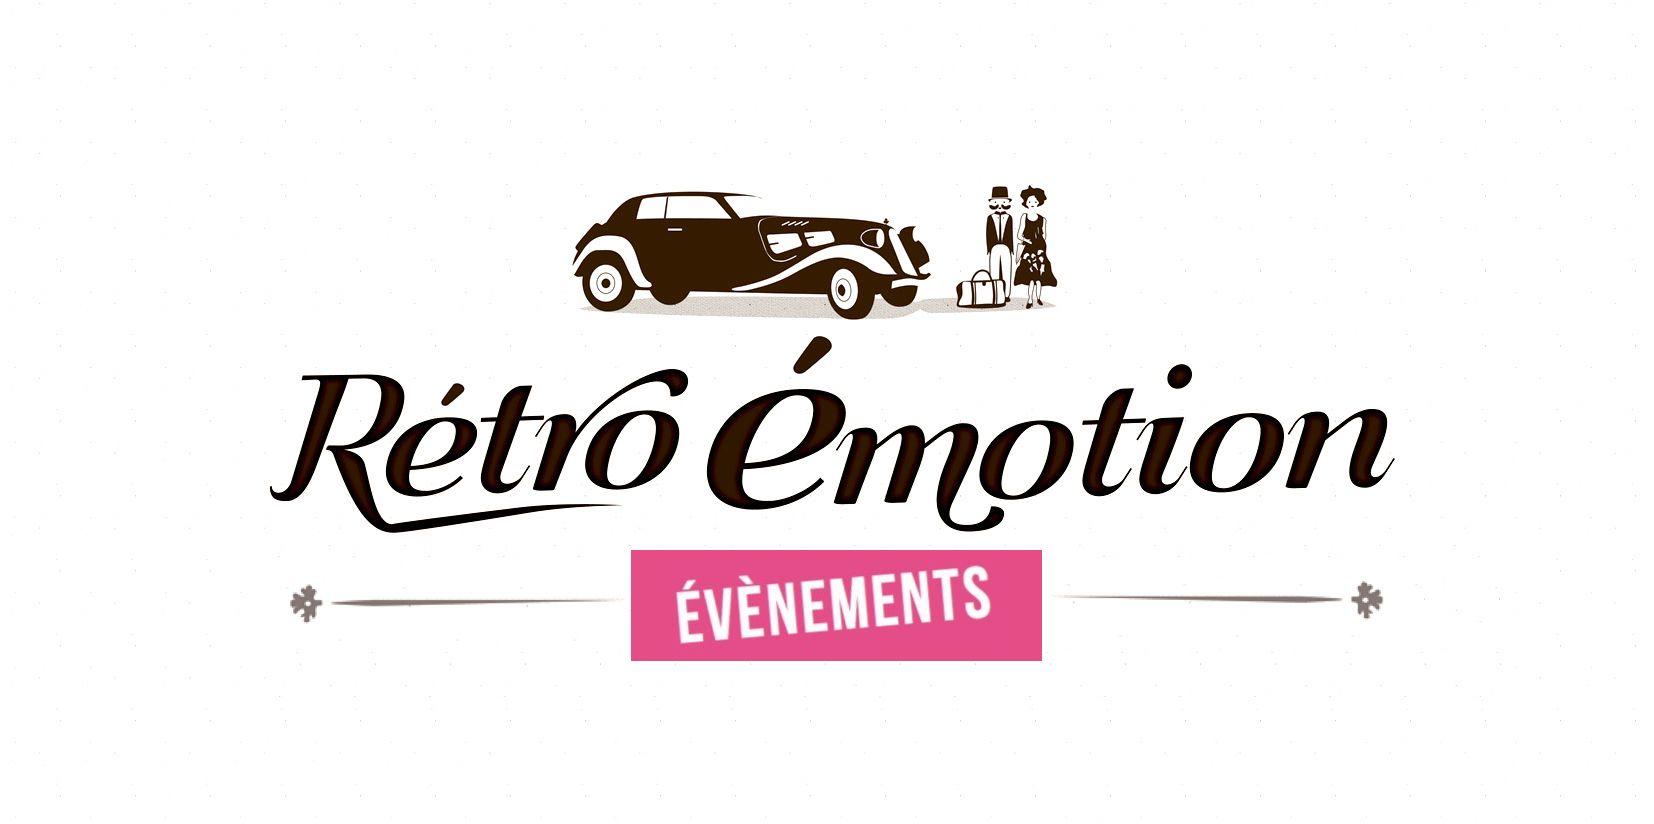 Pour 2016, Rétro Émotion ouvre une branche évènementiel ! Au service des entreprises et des particuliers qui désirent du sur-mesure, nous pouvons répondre à toutes demandes, dans toutes régions... Visitez notre site internet dédié ! www.re-evenements.fr #evenementiel #evenements #teambuilding #incentive #rallye #anniversaire #surmesure #retro_emotion #retroemotion #events #classiccars #classiccar #voitureancienne #rally #rallies